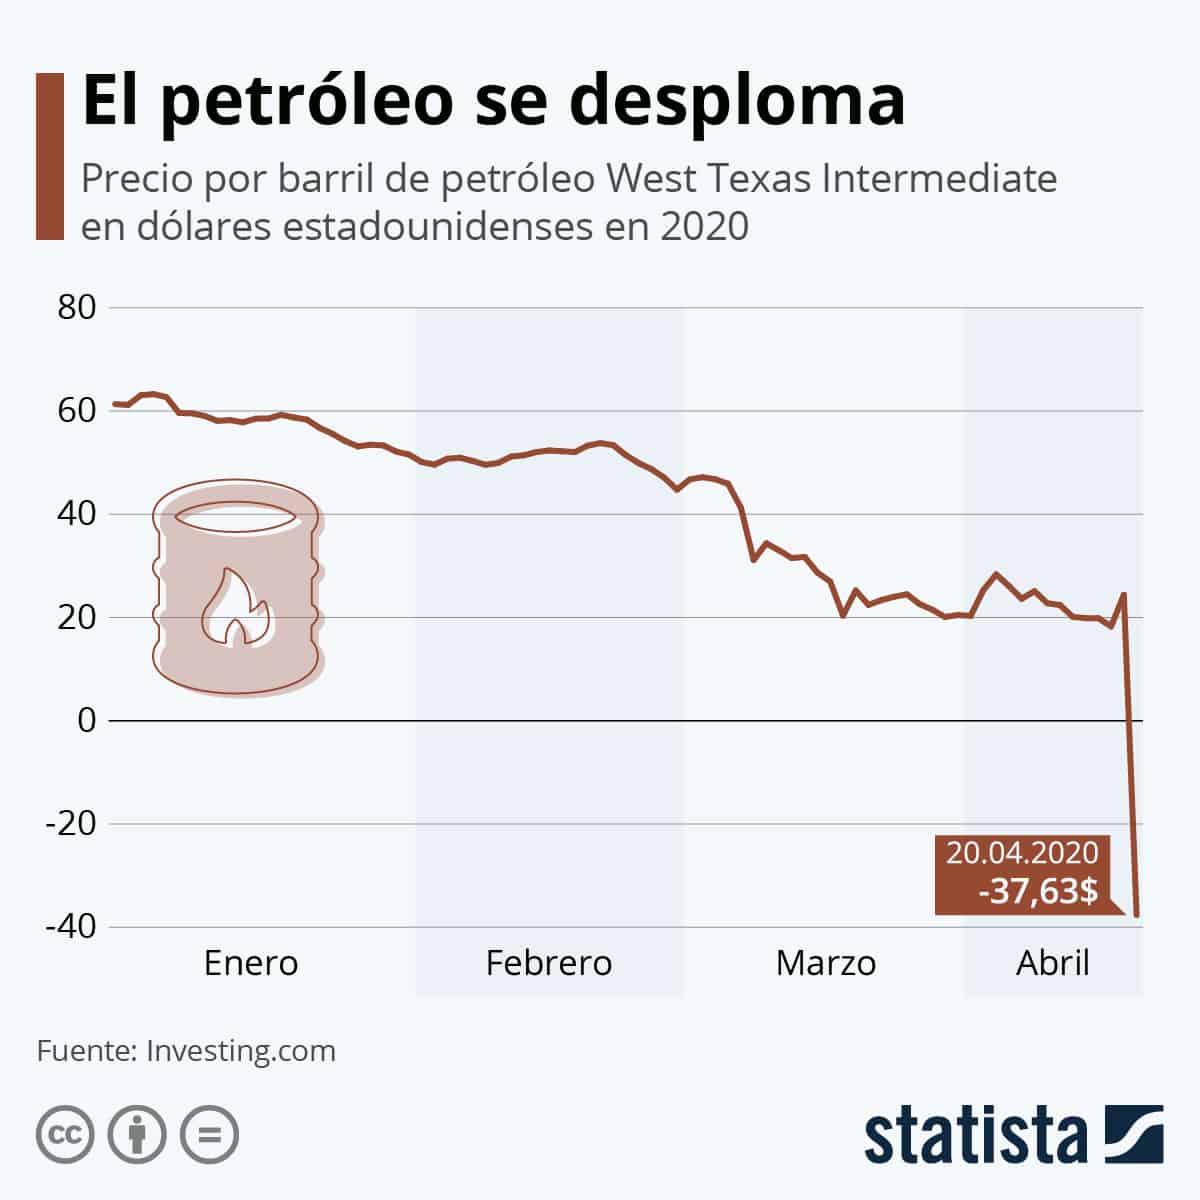 Petróleo problemas - 0